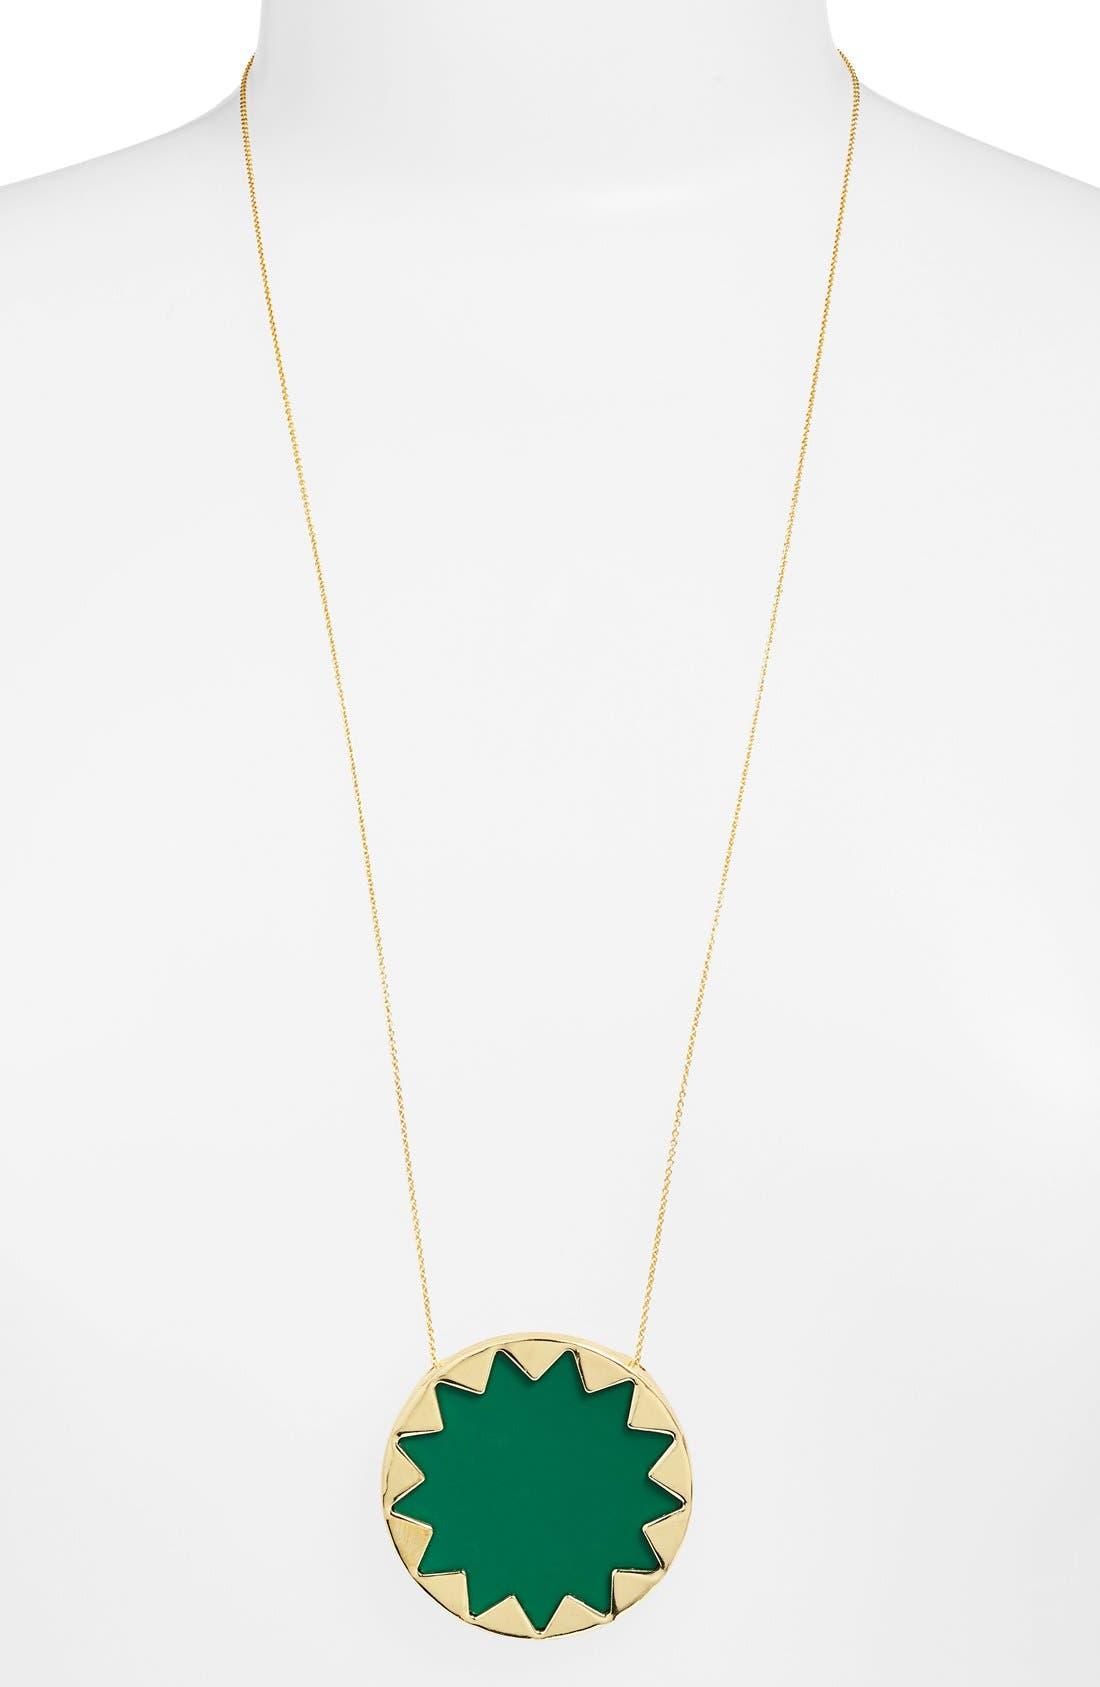 Main Image - House of Harlow 1960 Sunburst Pendant Necklace